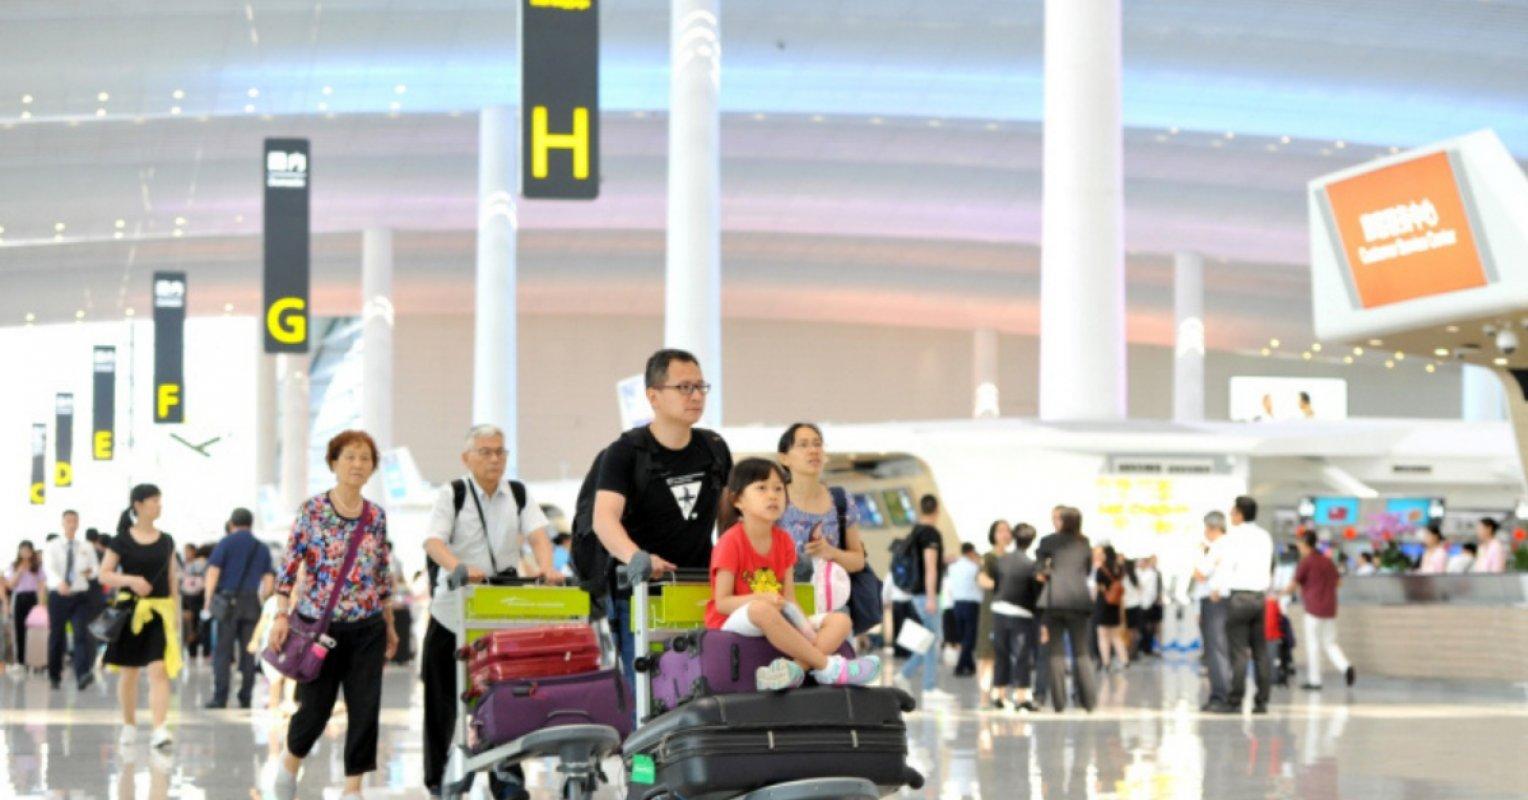 【大灣區】出行更方便! 廣州白雲機場引入雙高鐵兩城際連通港澳